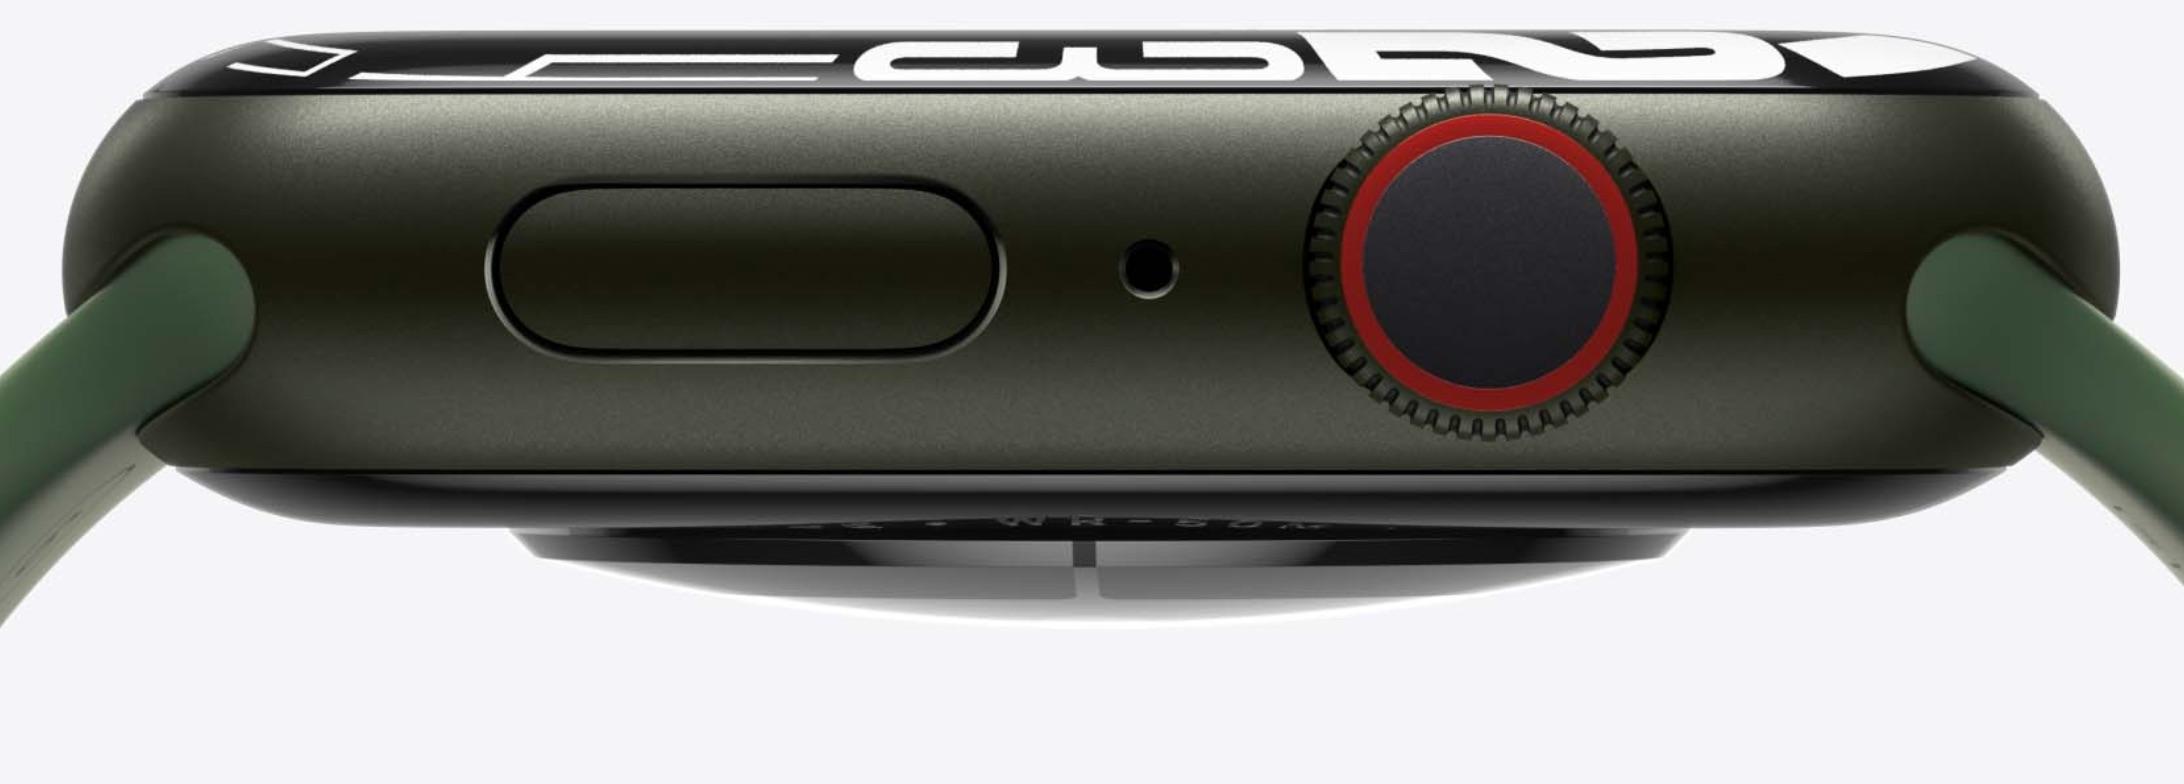 Apple Watch Series 7 en verde